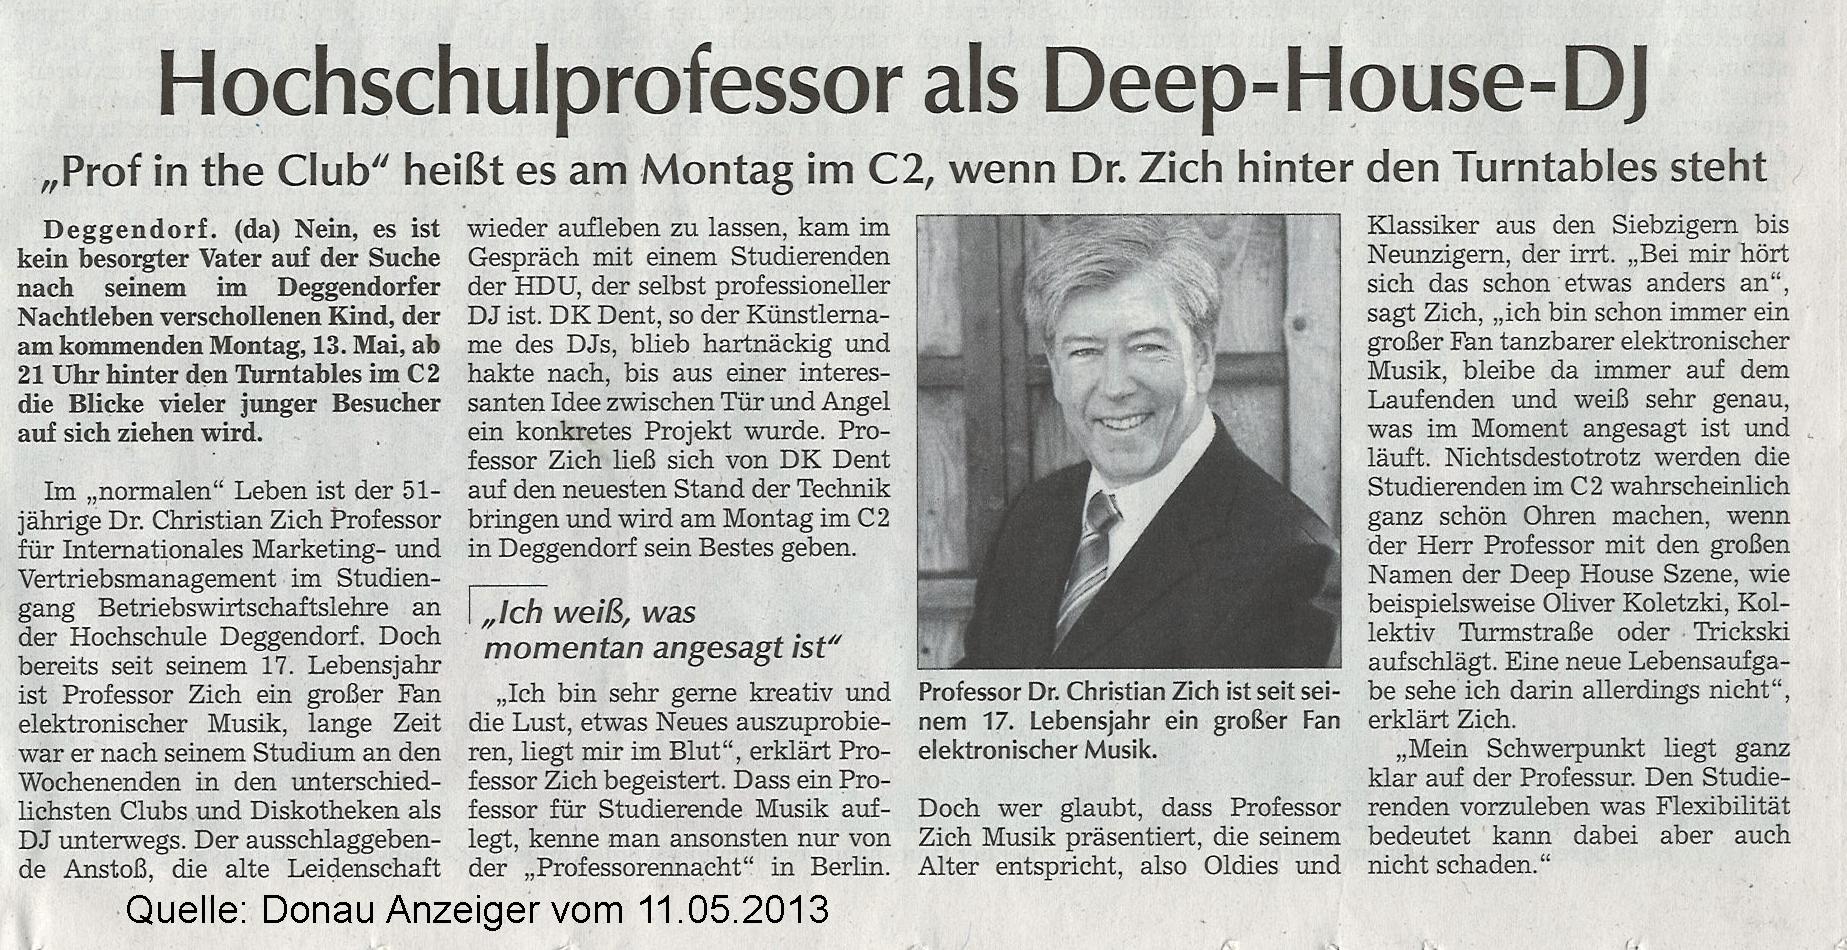 Artikel im Donauanzeiger 11.05.2013